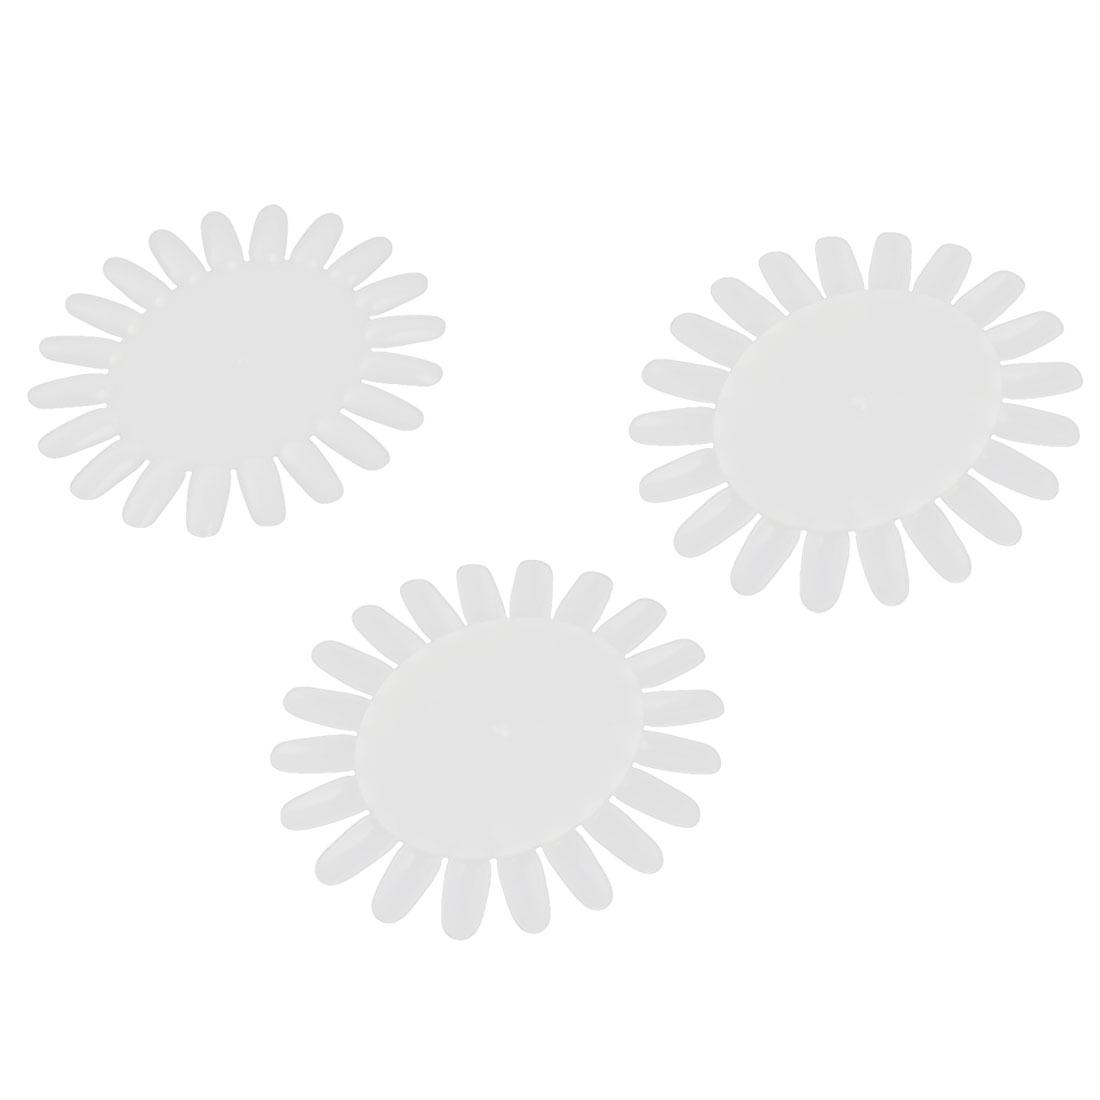 Plastic Wheel False Nail Display Nail Art Tips 20-nail Nail Swatches White 3 PCS